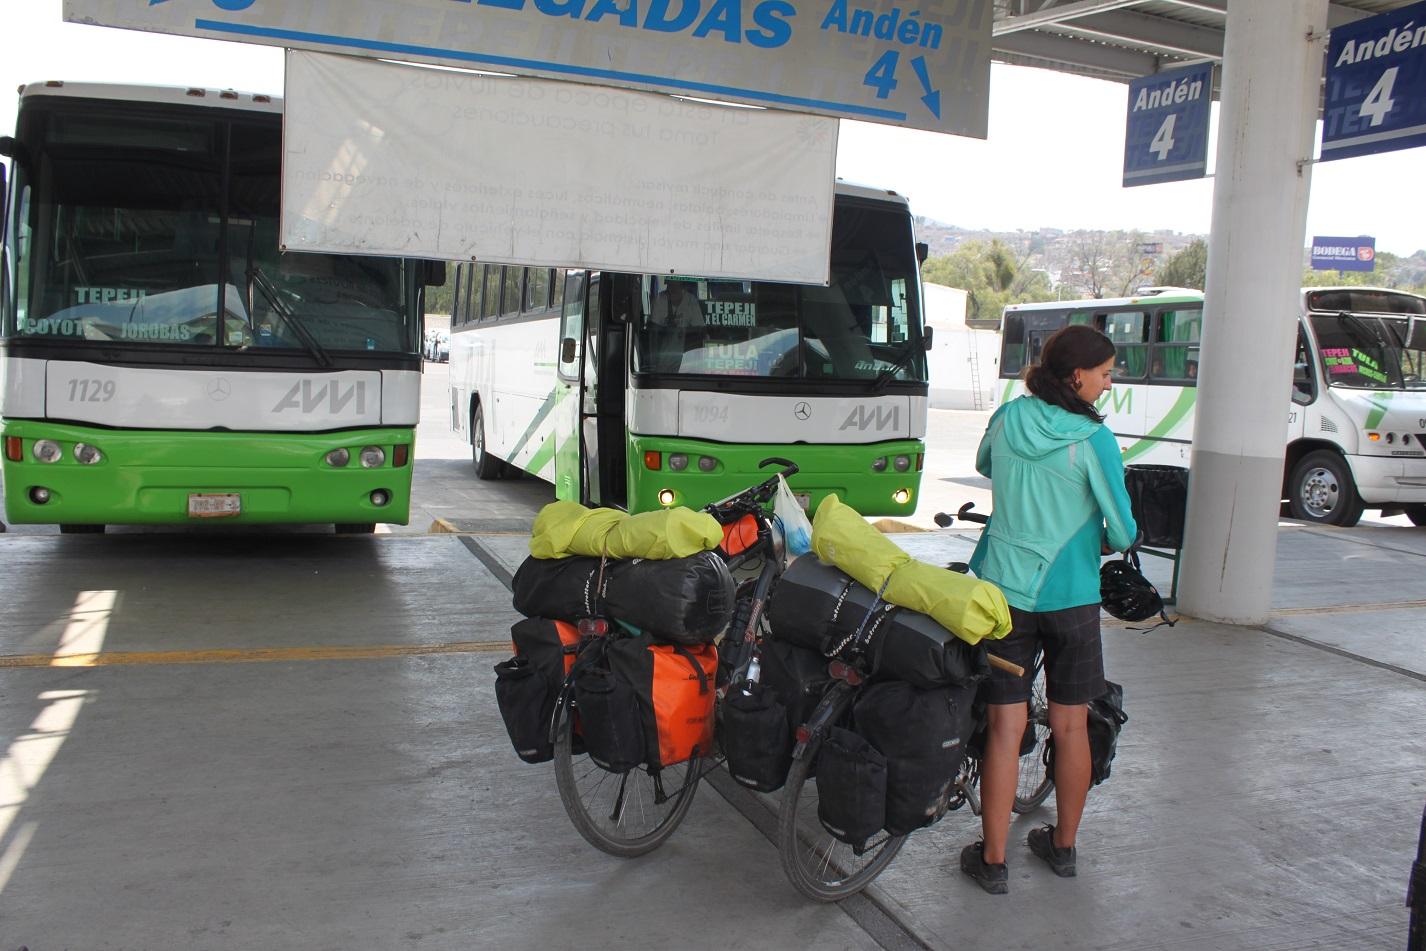 Busbahnhof Tepeji